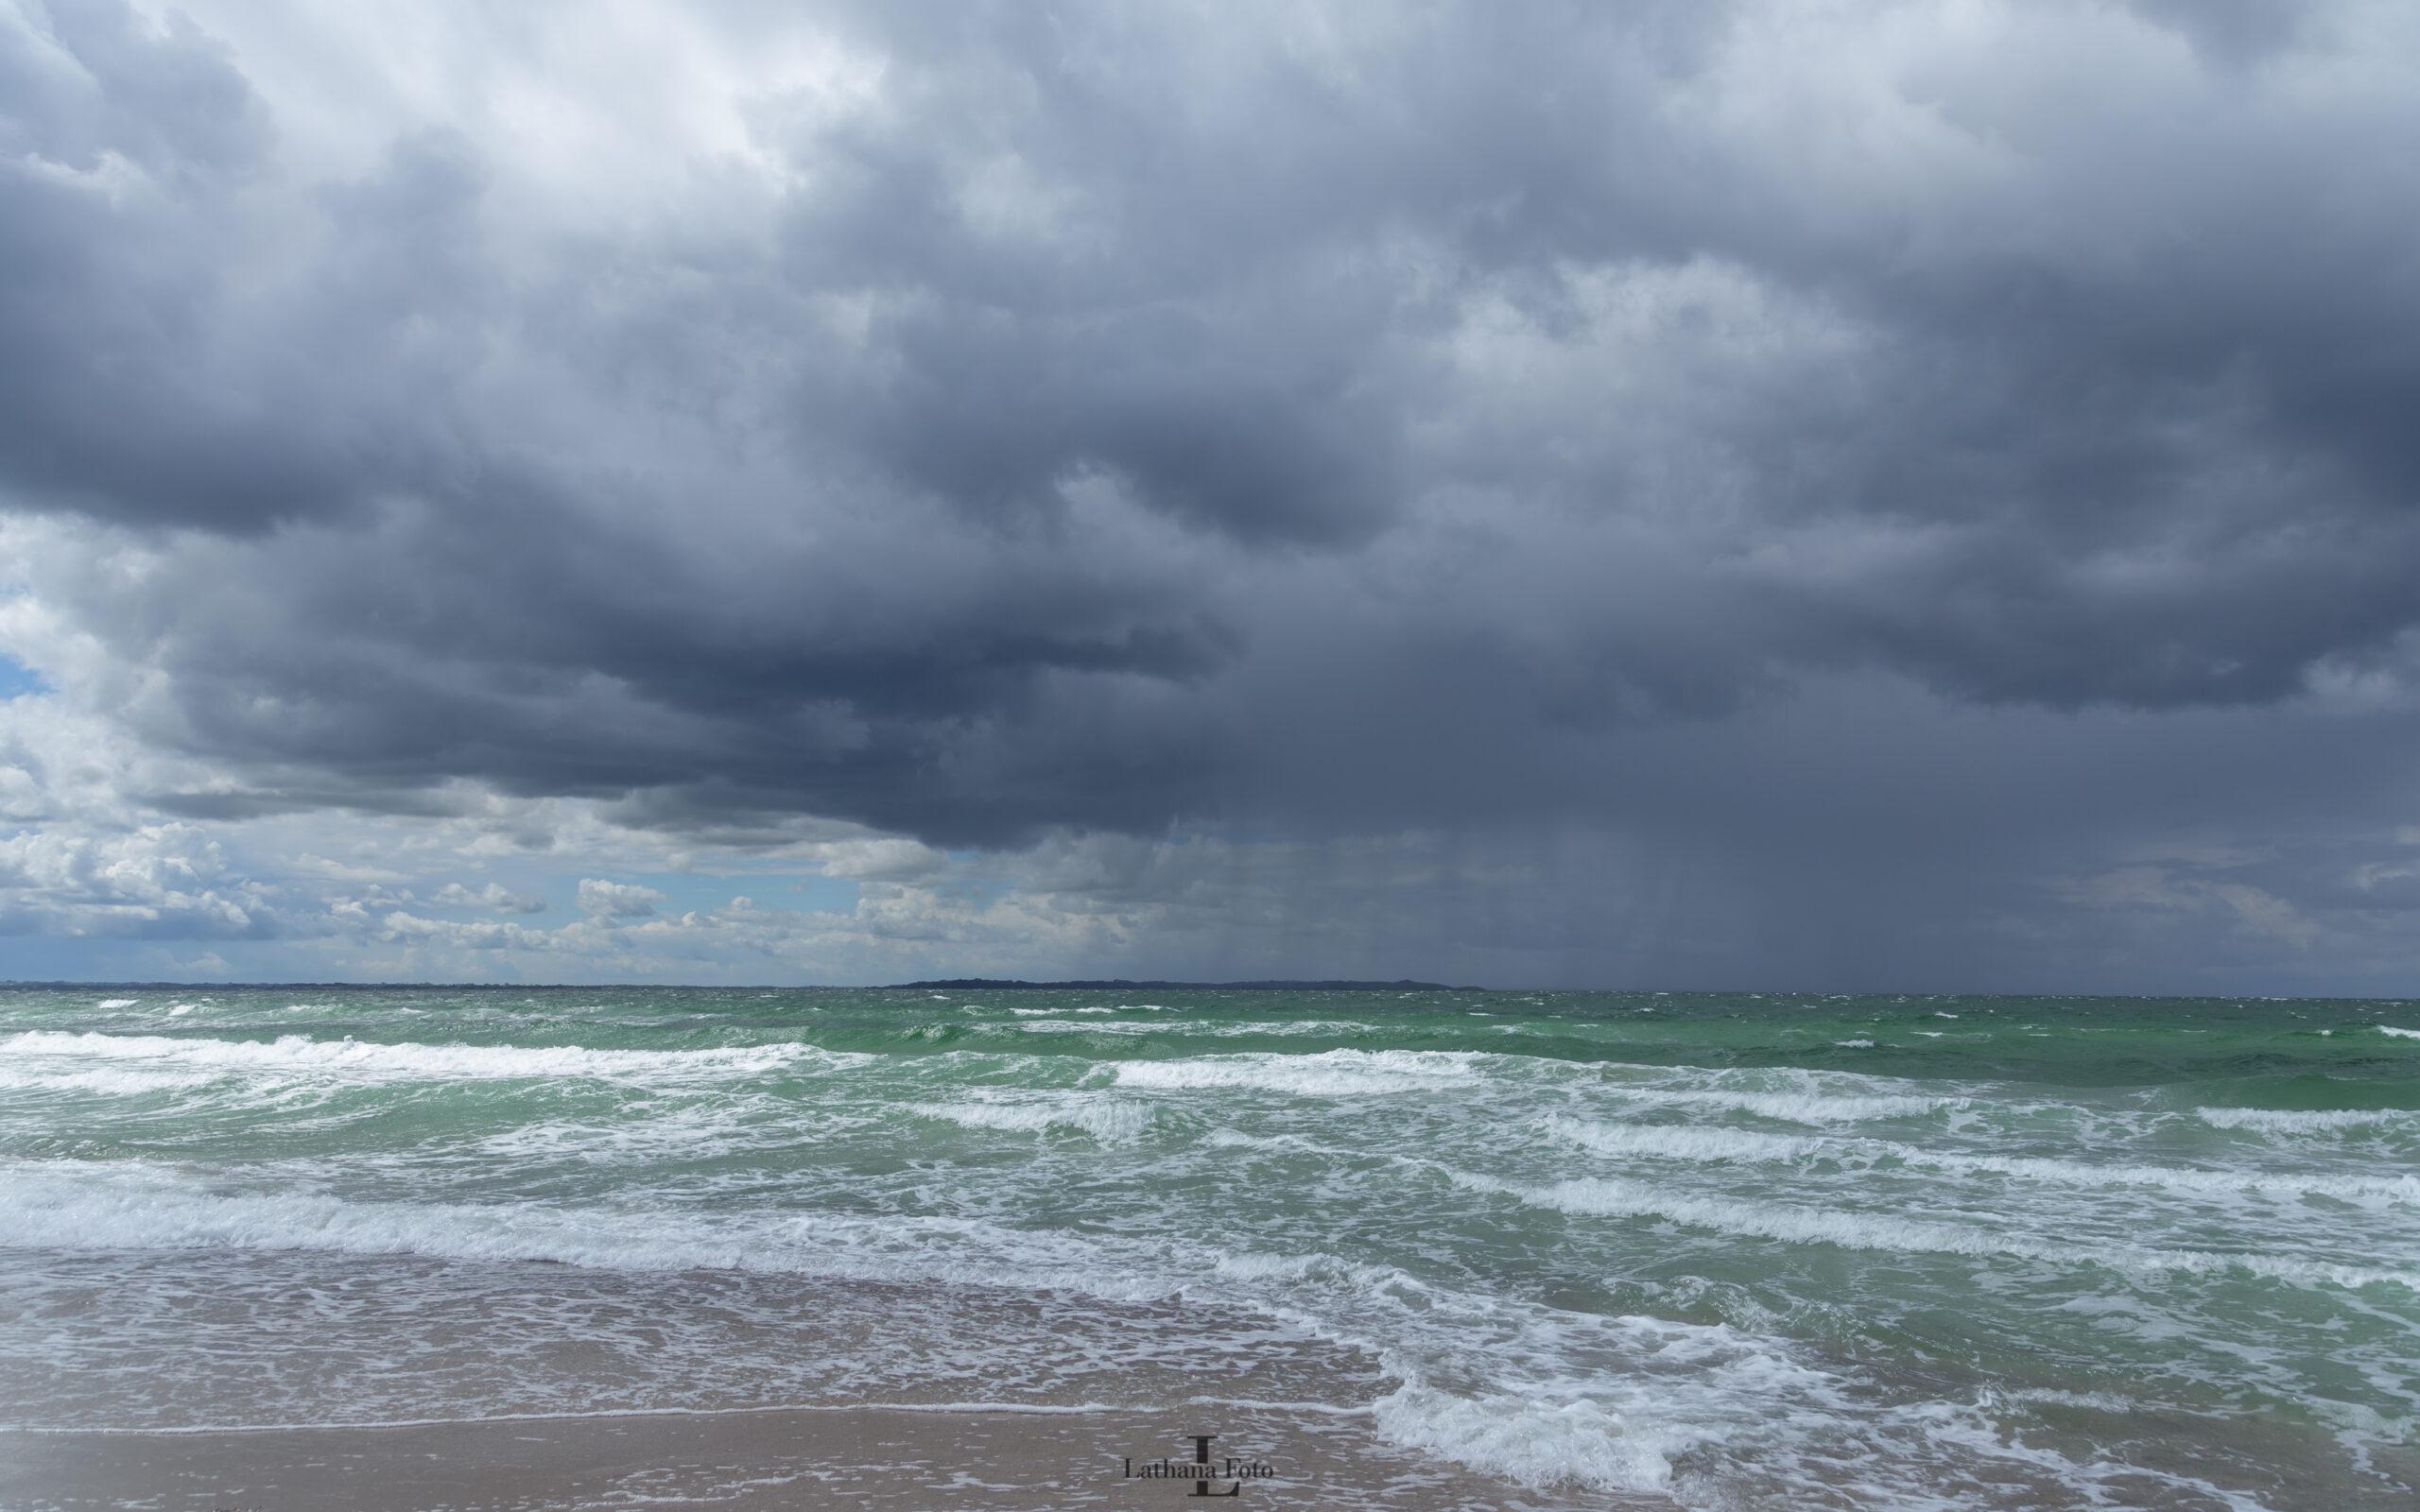 uvejr på sydstranden 060620 2